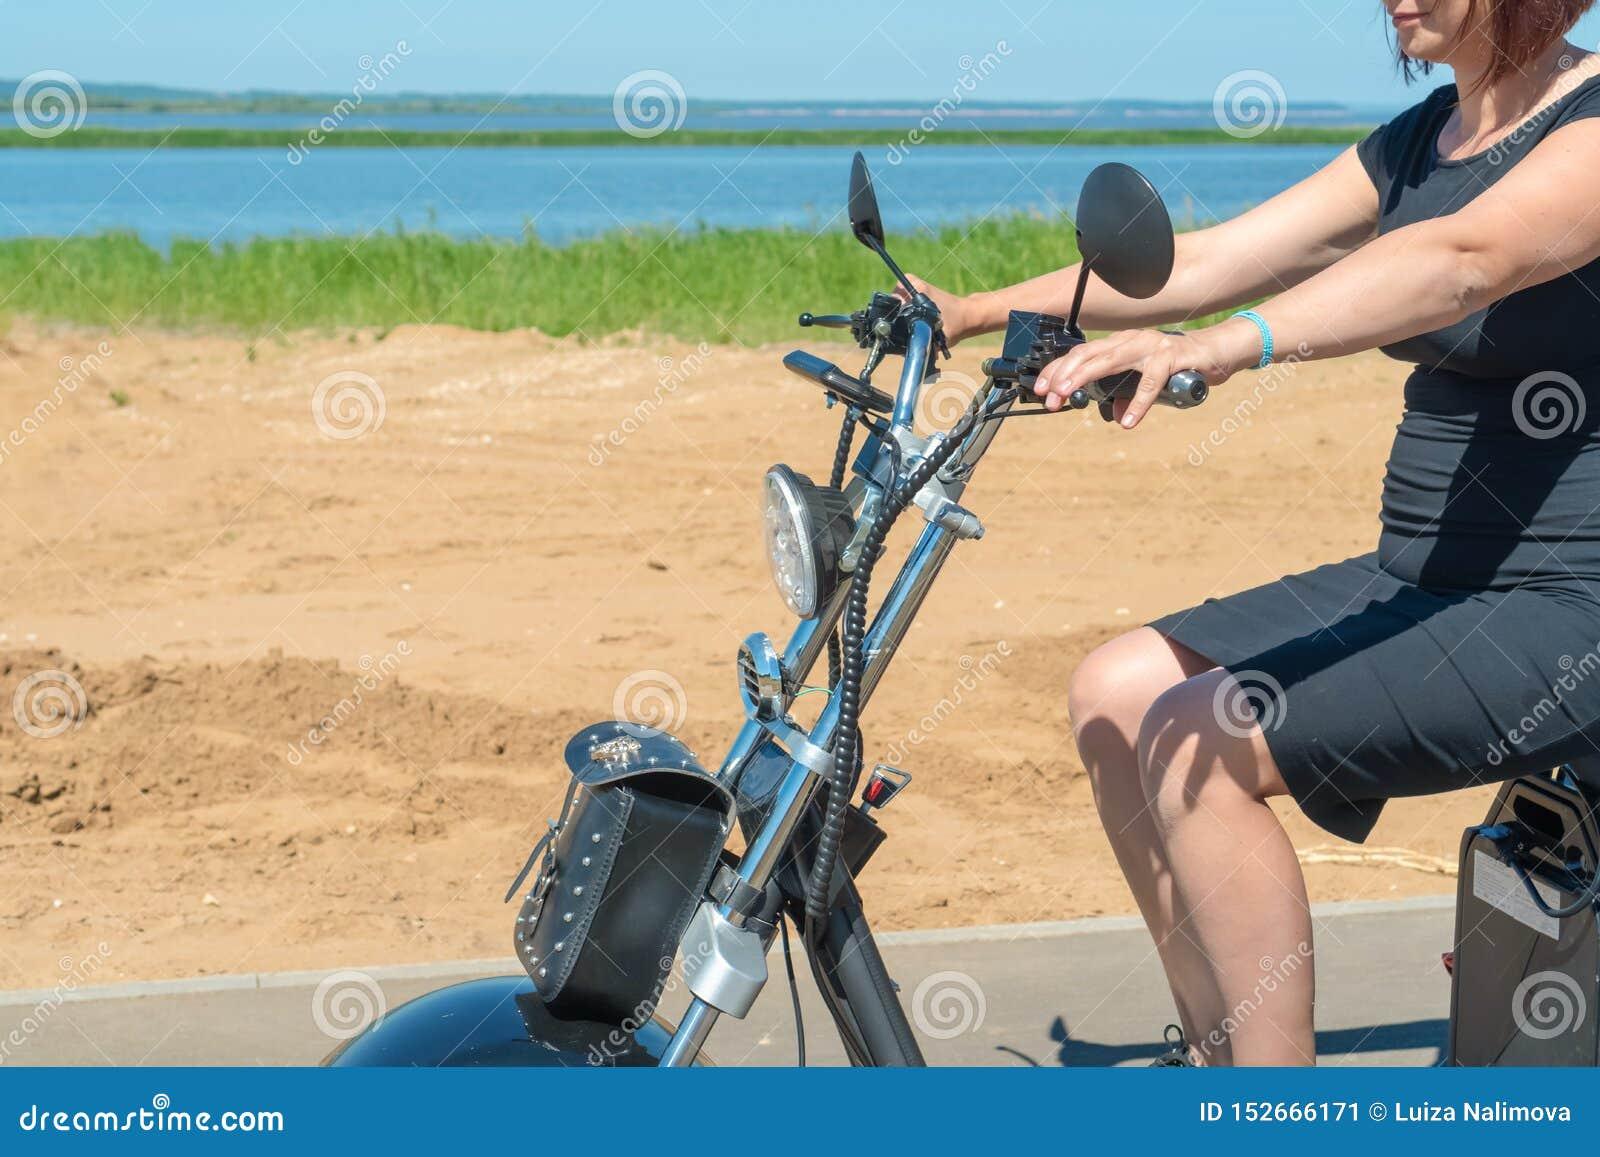 Una ragazza in un vestito nero con capelli rossi che conducono il suo motociclo elettrico a tre ruote lungo la spiaggia un giorno